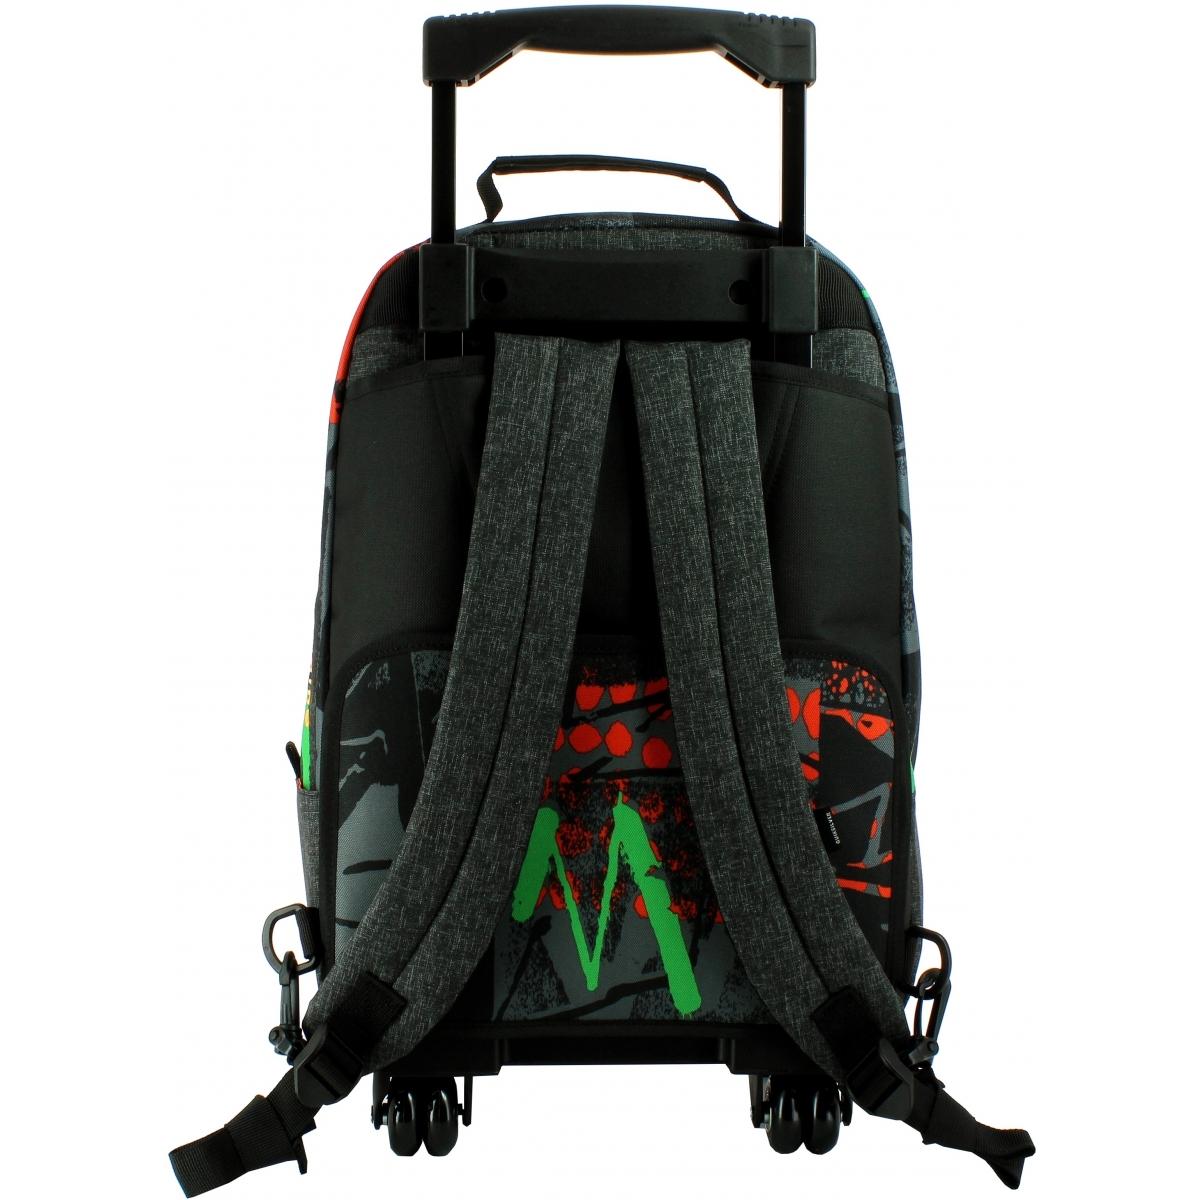 sac dos scolaire roulettes quiksilver p03022ggy6 couleur principale assortis promotion. Black Bedroom Furniture Sets. Home Design Ideas